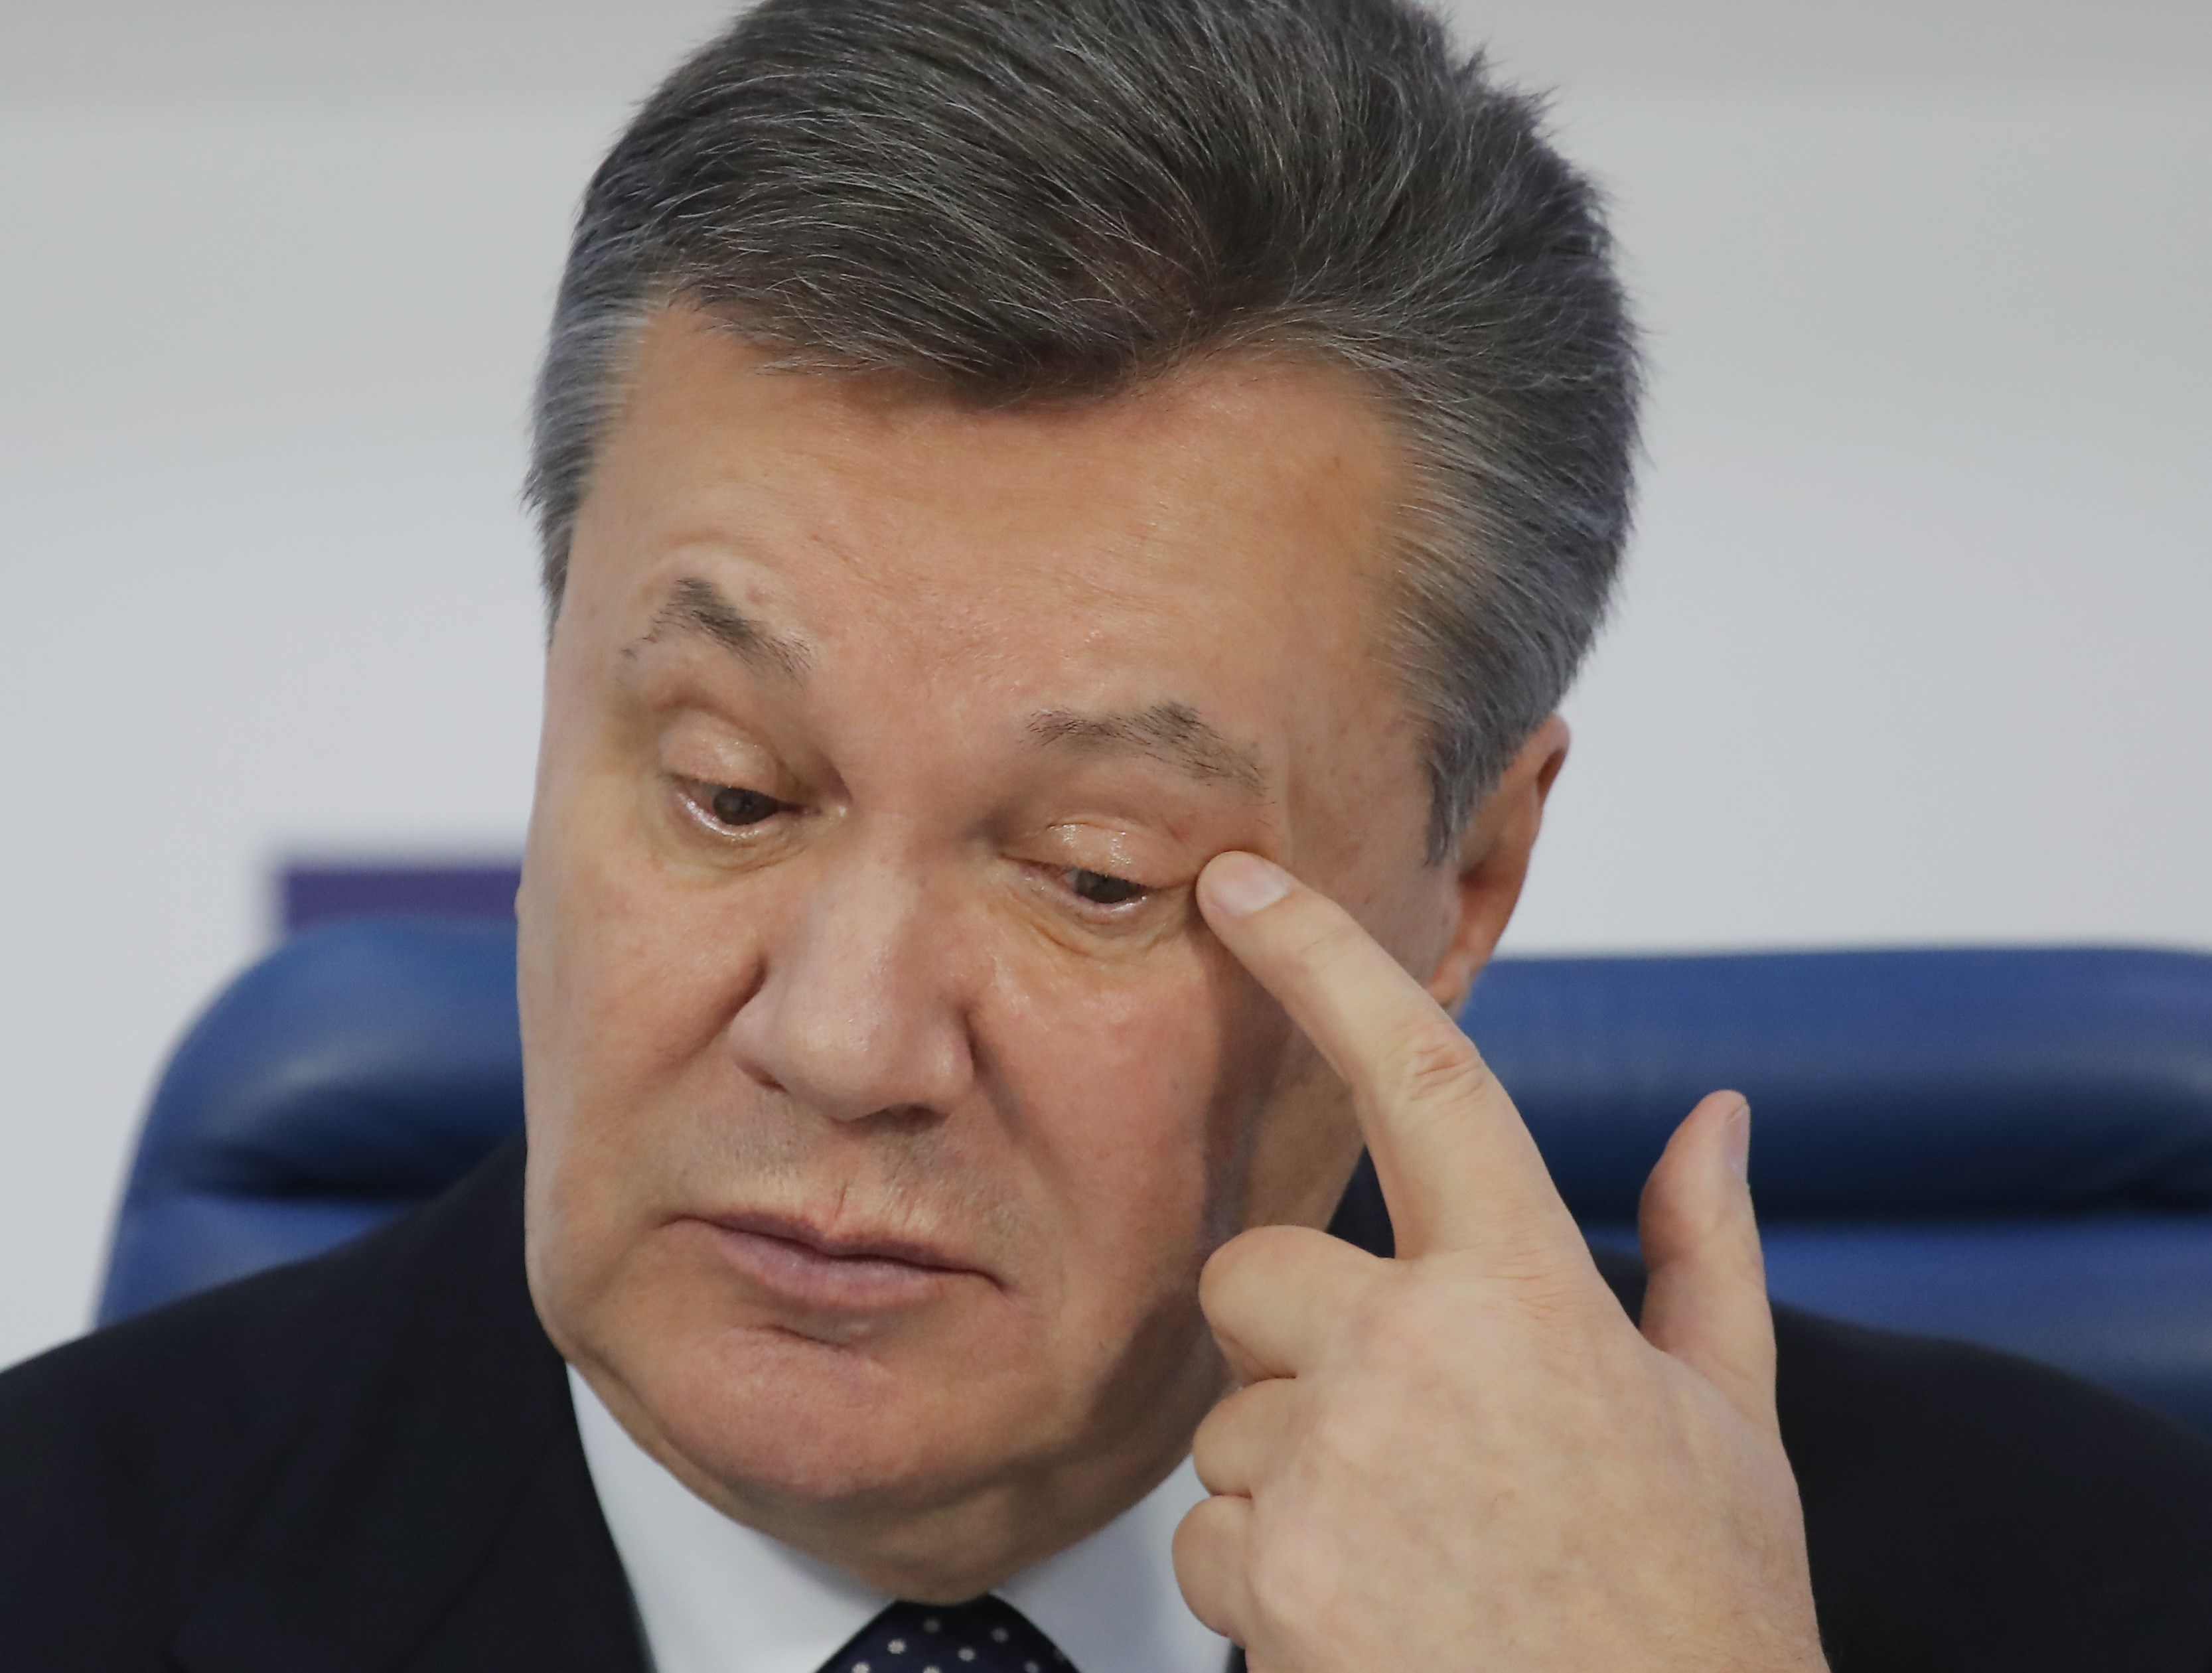 Астролог спрогнозировал, что Виктор Янукович может вернуться в Донецк